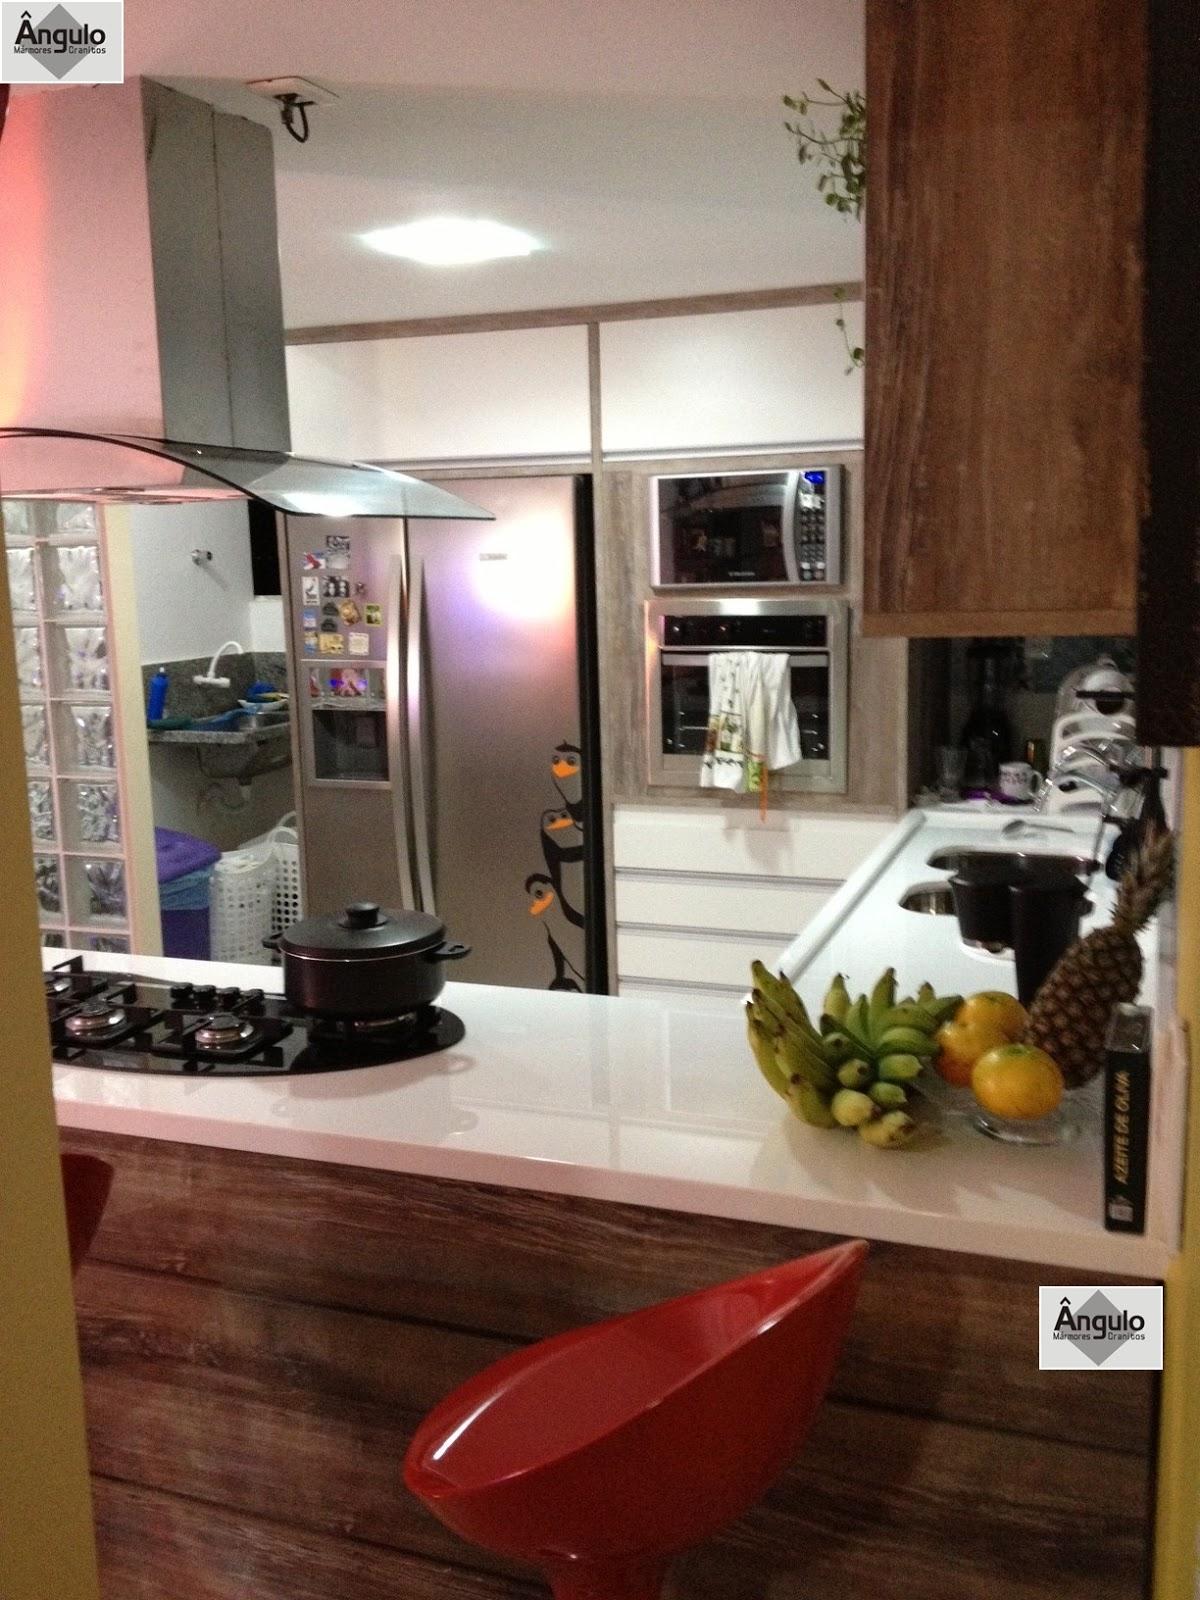 #9A7231 Linda Cozinha projetada em Nanoglass. Um projeto compacto funcional e  1200x1600 px projeto banheiro compacto